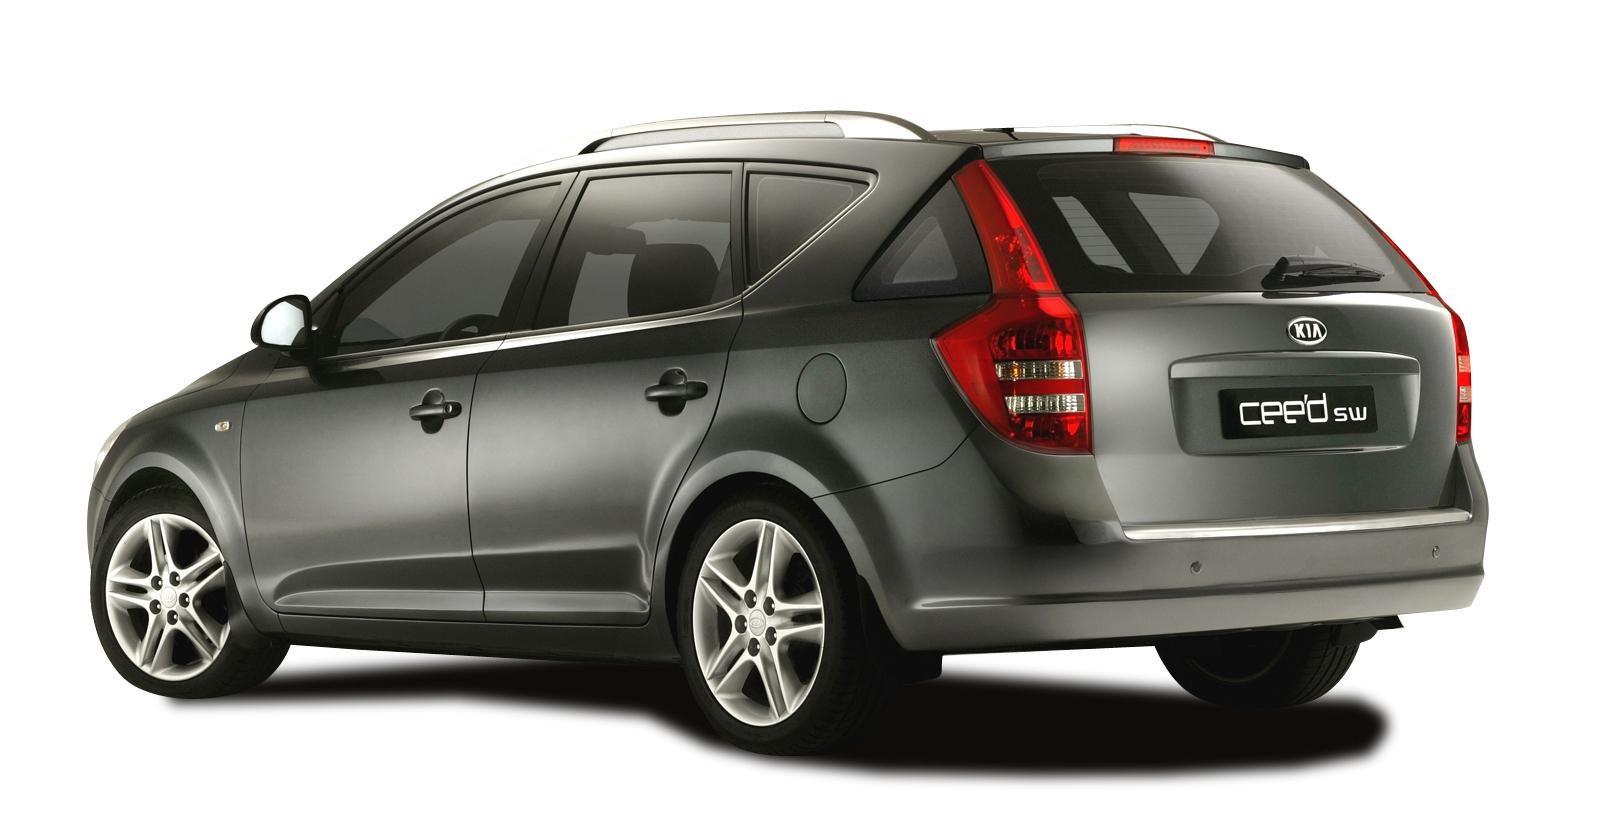 Kia Cee'd I 2007 - 2010 Hatchback 3 door #5